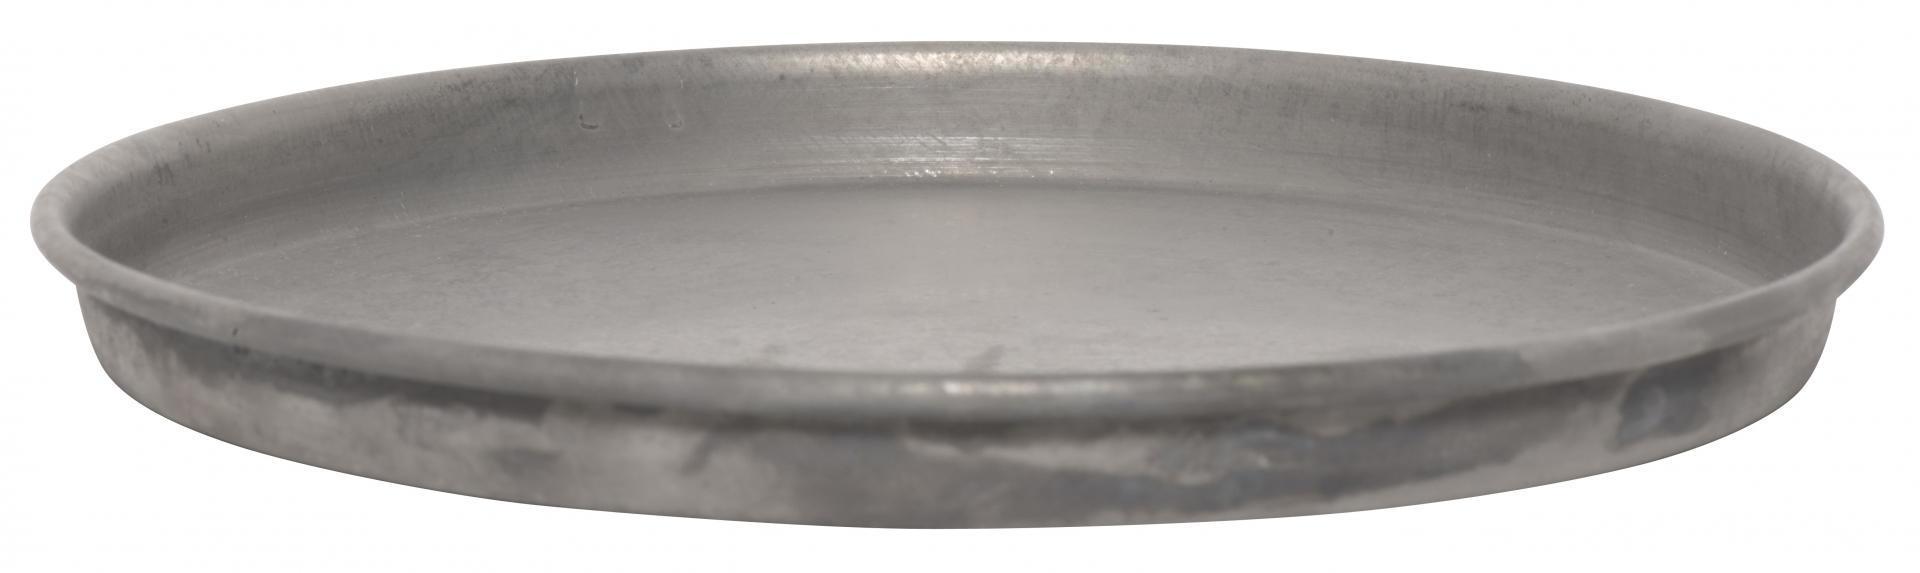 IB LAURSEN Zinkový kulatý tác Grey 16cm, šedá barva, zinek